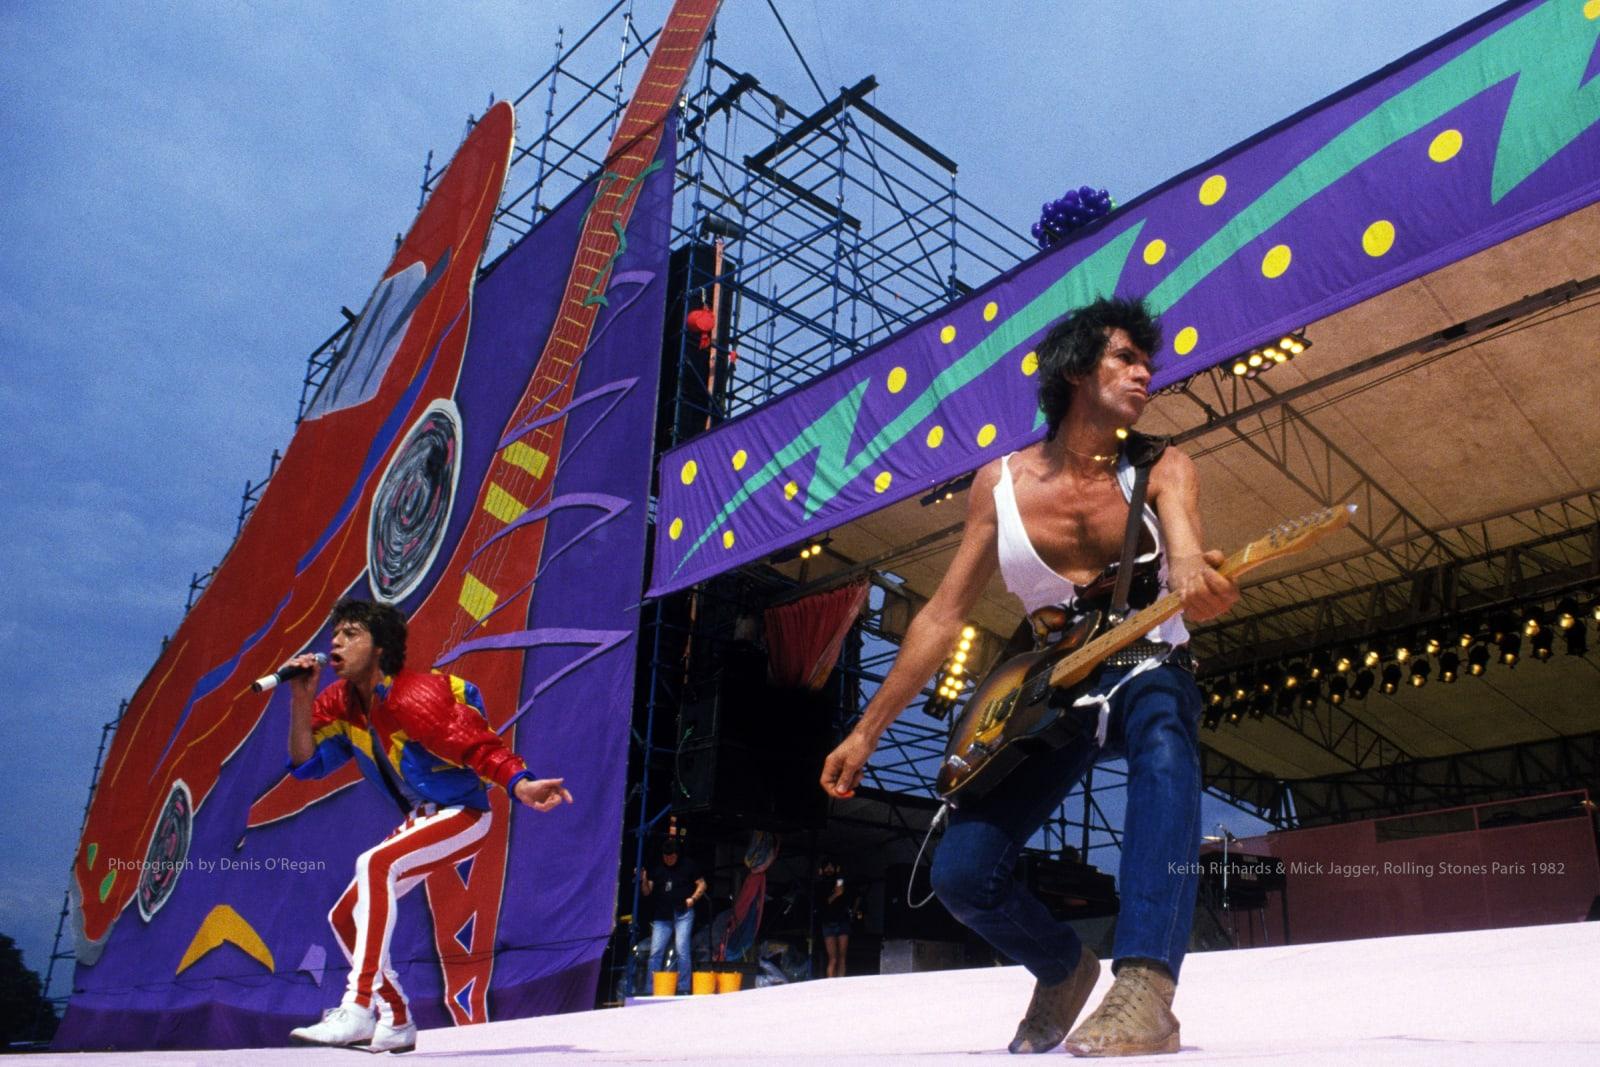 ROLLING STONES, Rolling Stones Paris, 1982